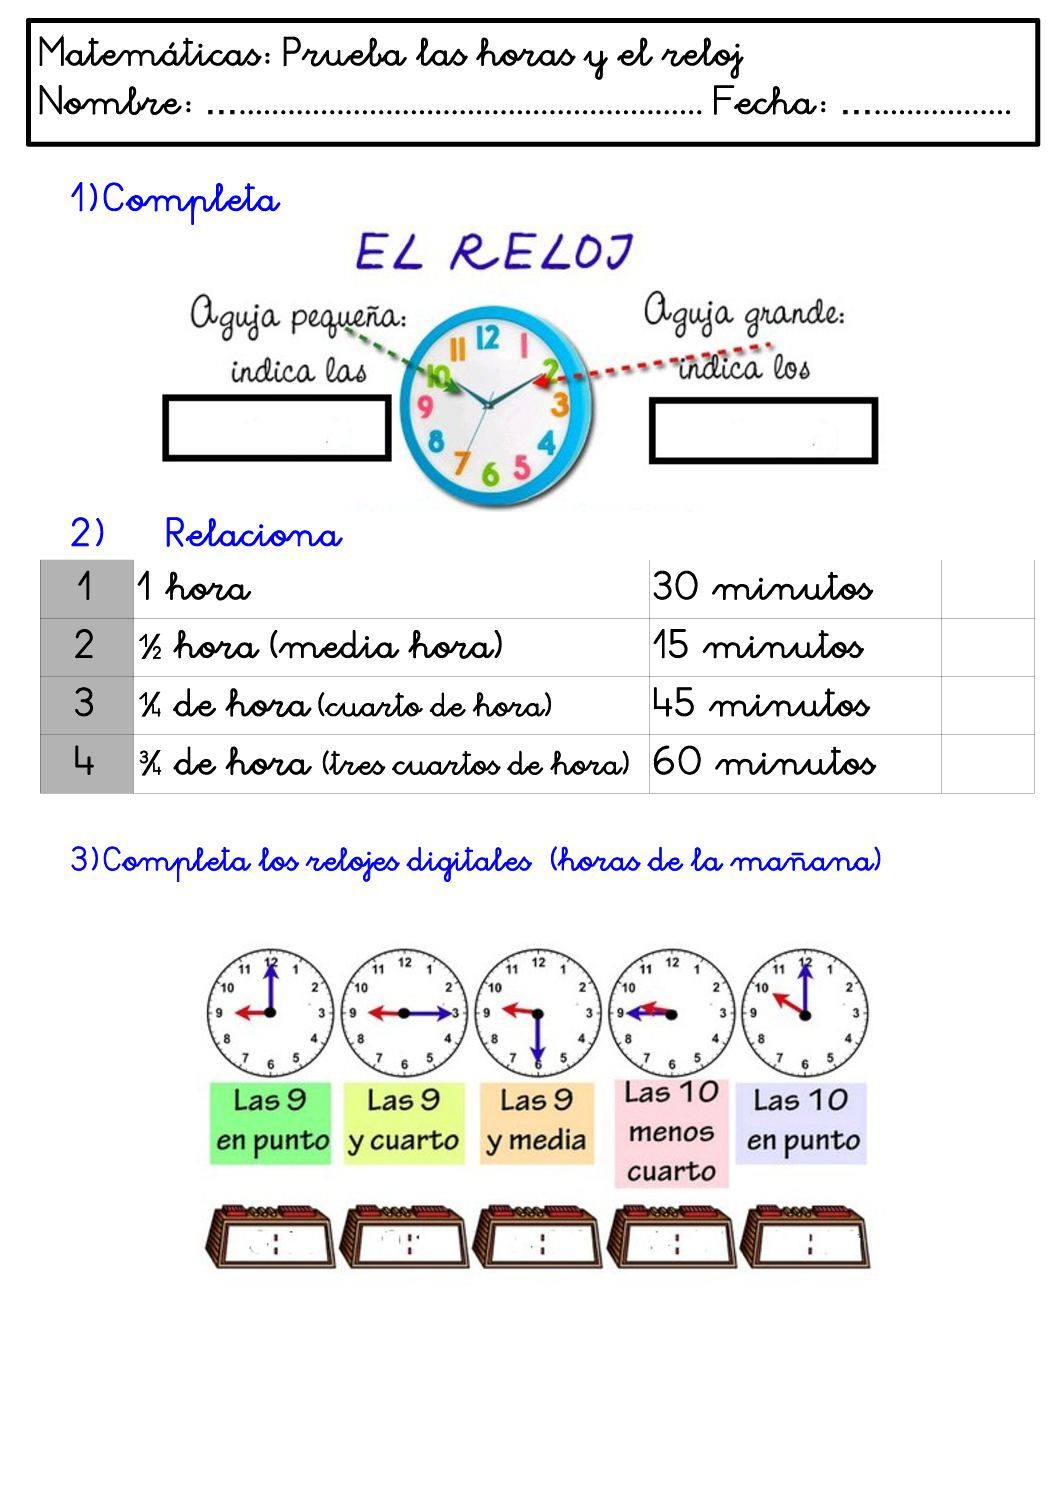 Prueba Las Horas Y El Reloj